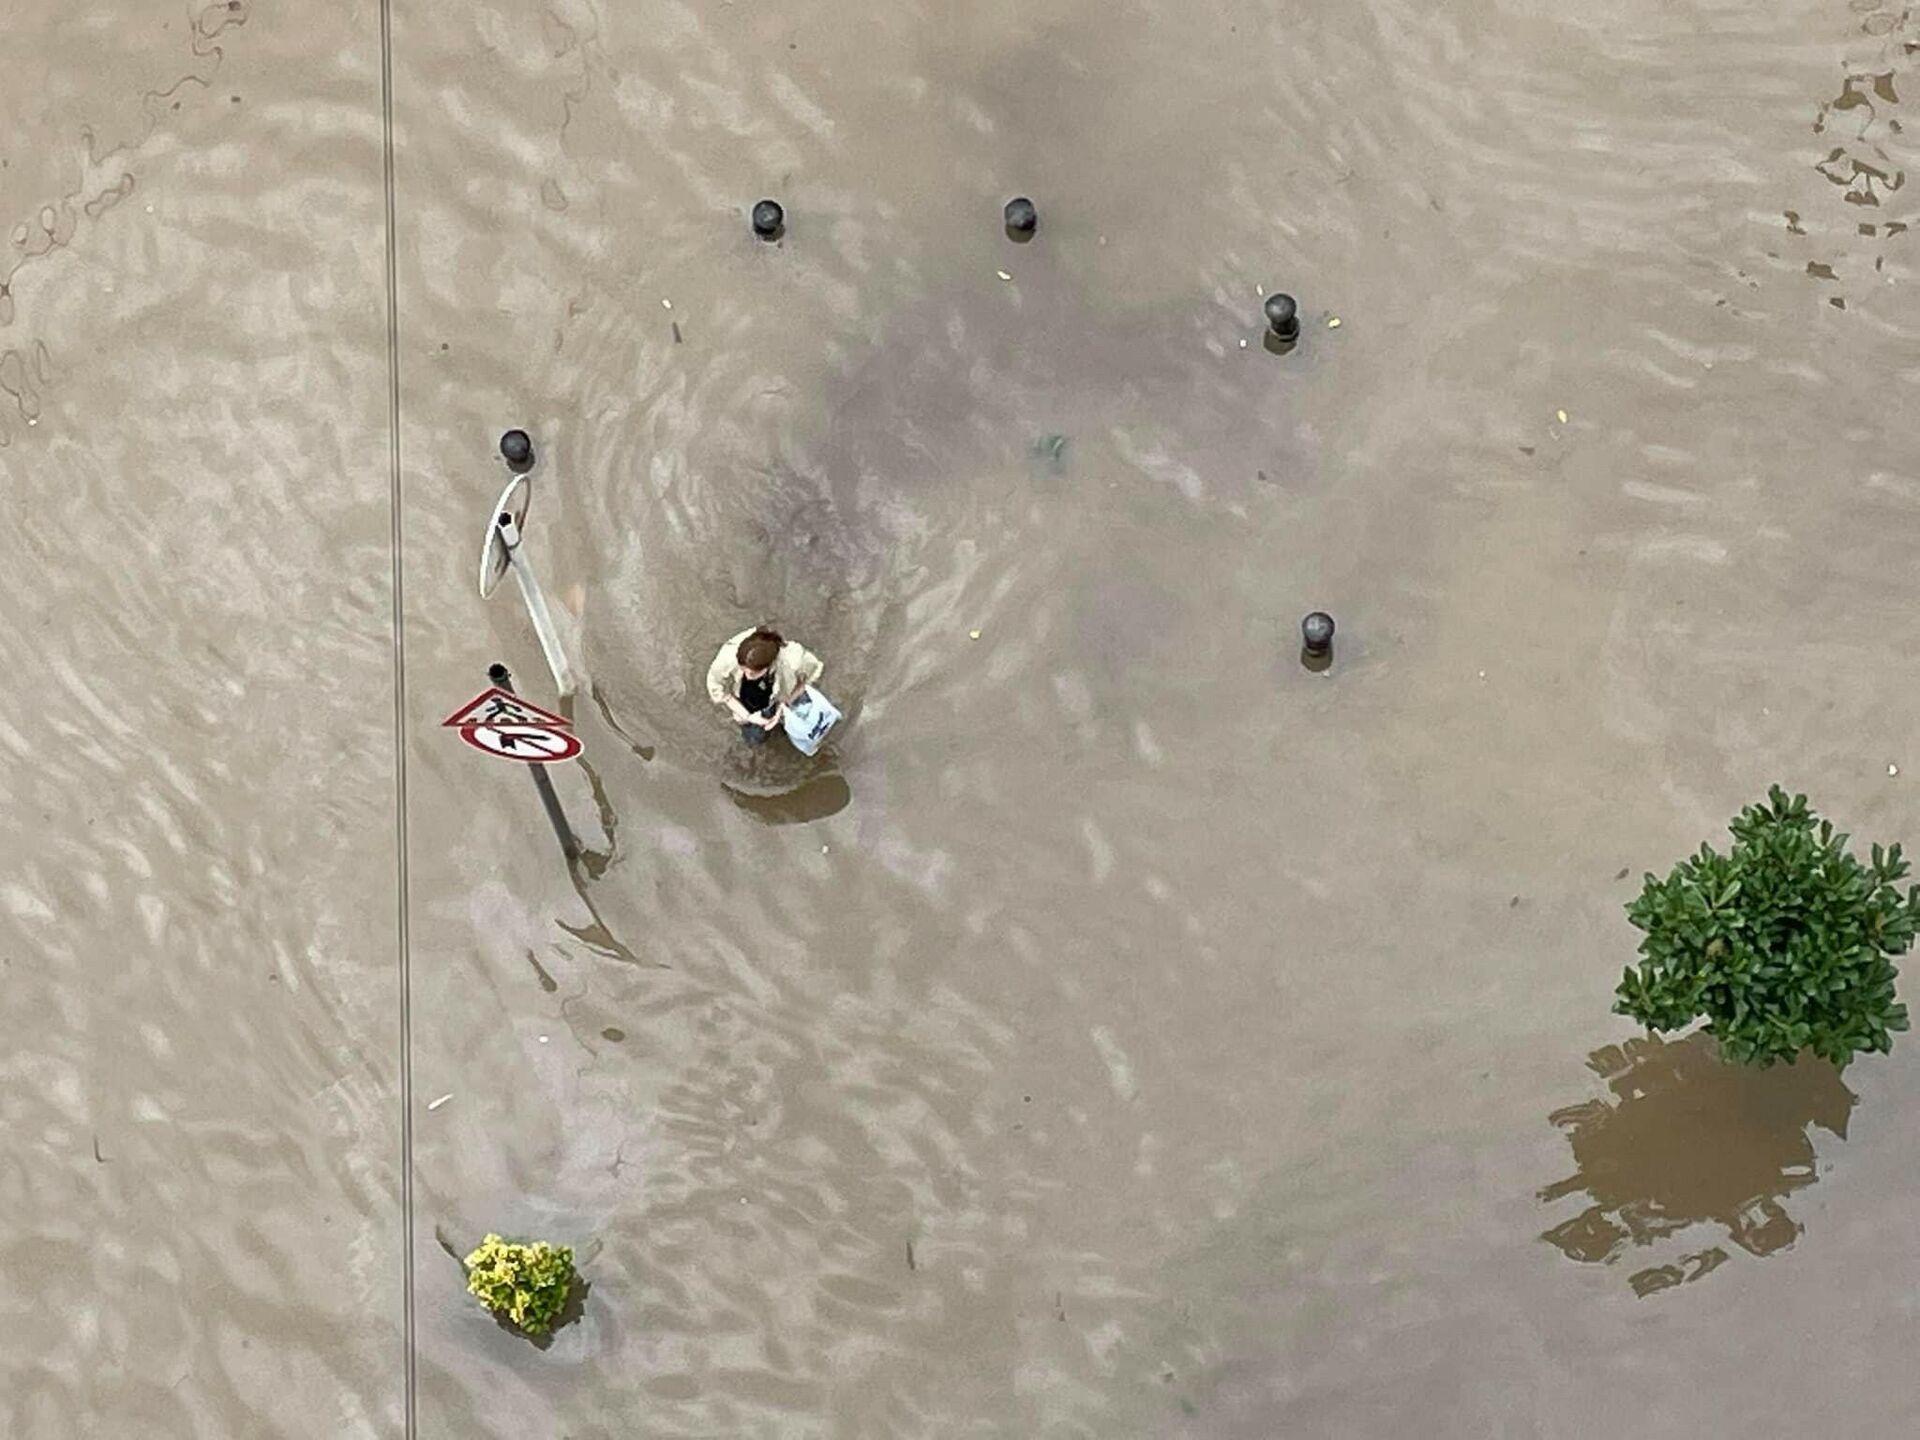 Наводнение после сильного ливневого дождя в Батуми - Sputnik Грузия, 1920, 22.09.2021